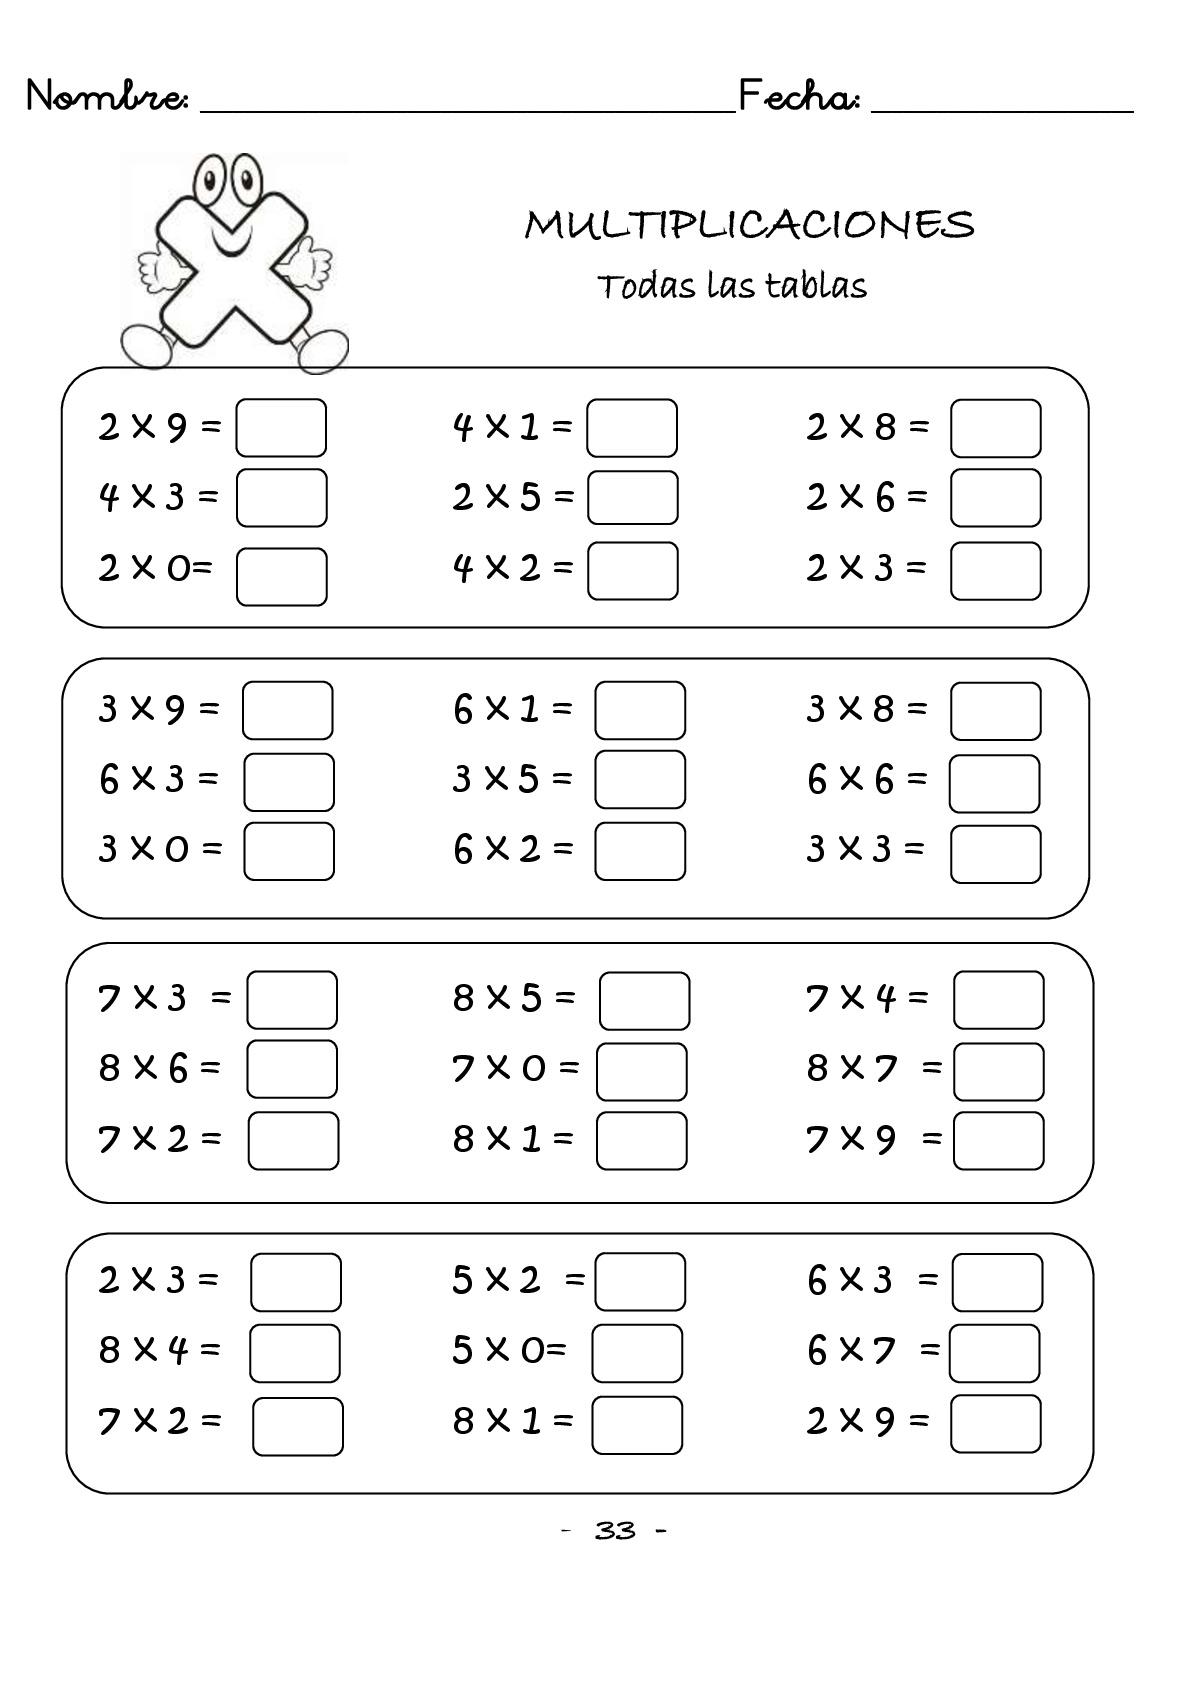 multiplicaciones-rapidas-una-cifra-protegido-034